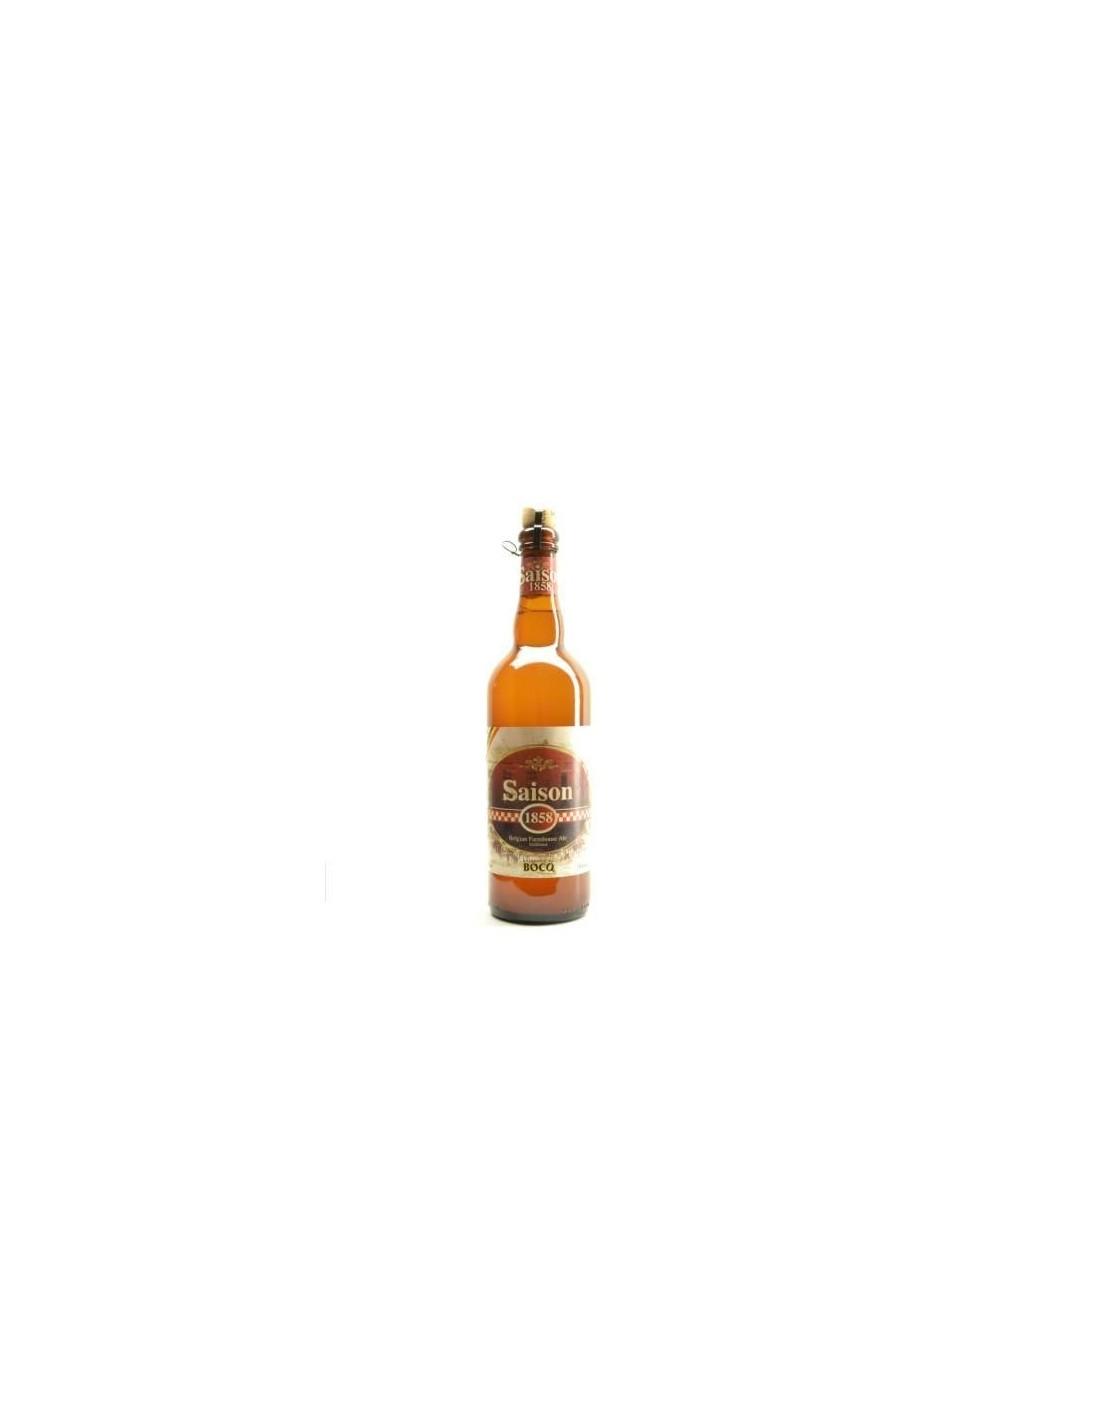 Bere SAISON 1858 0.75L